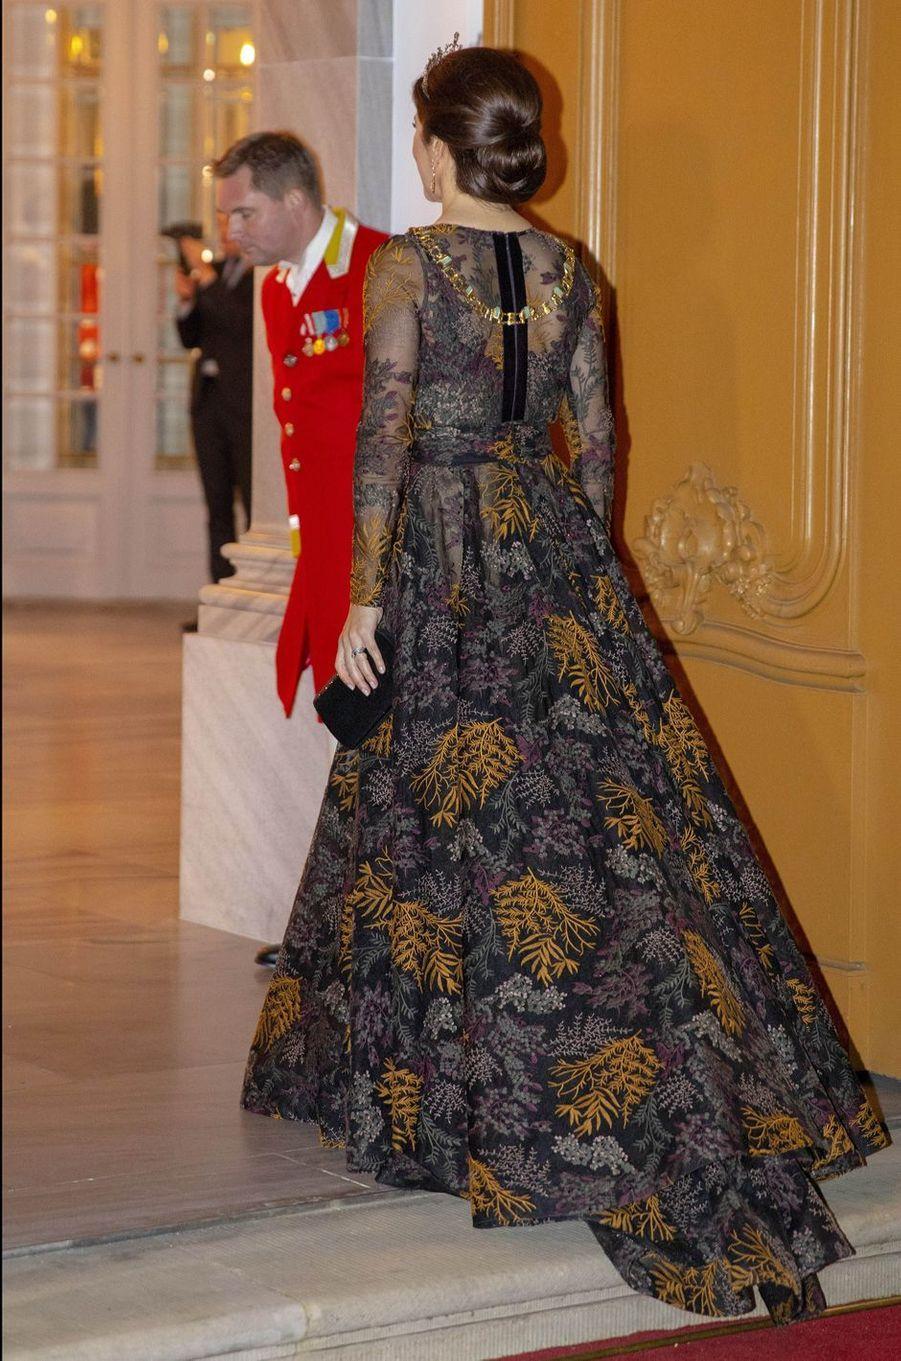 La princesse Mary de Danemark à Copenhague, le 1er janvier 2019